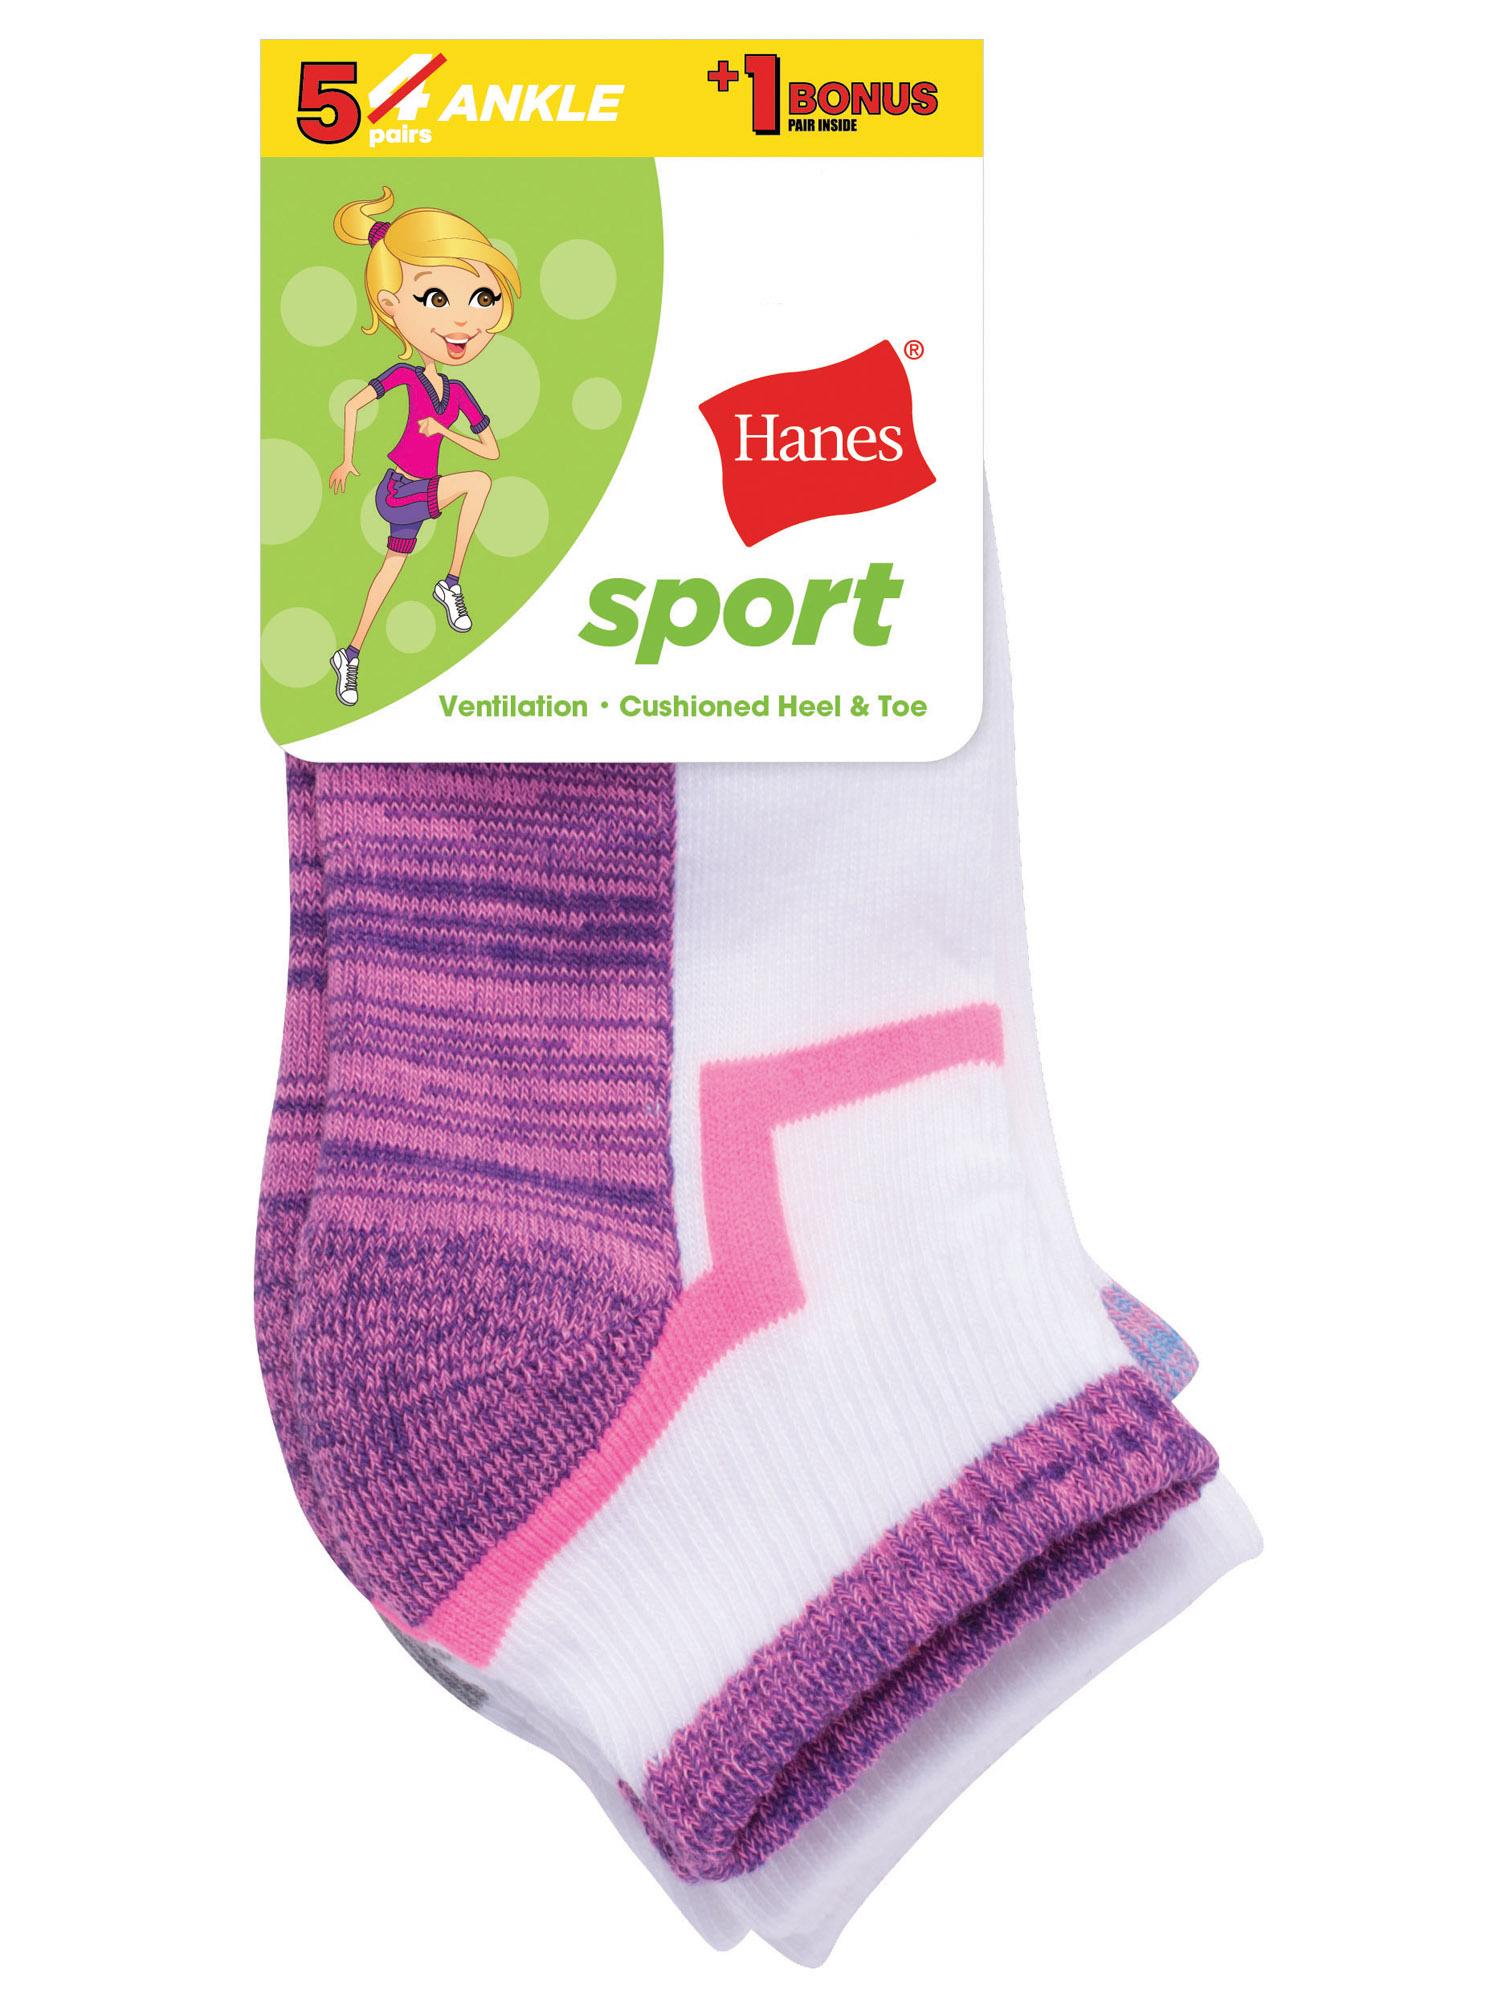 Hanes Sport Ankle Socks, 4 + 1 Bonus Pack (Little Girls & Big Girls)